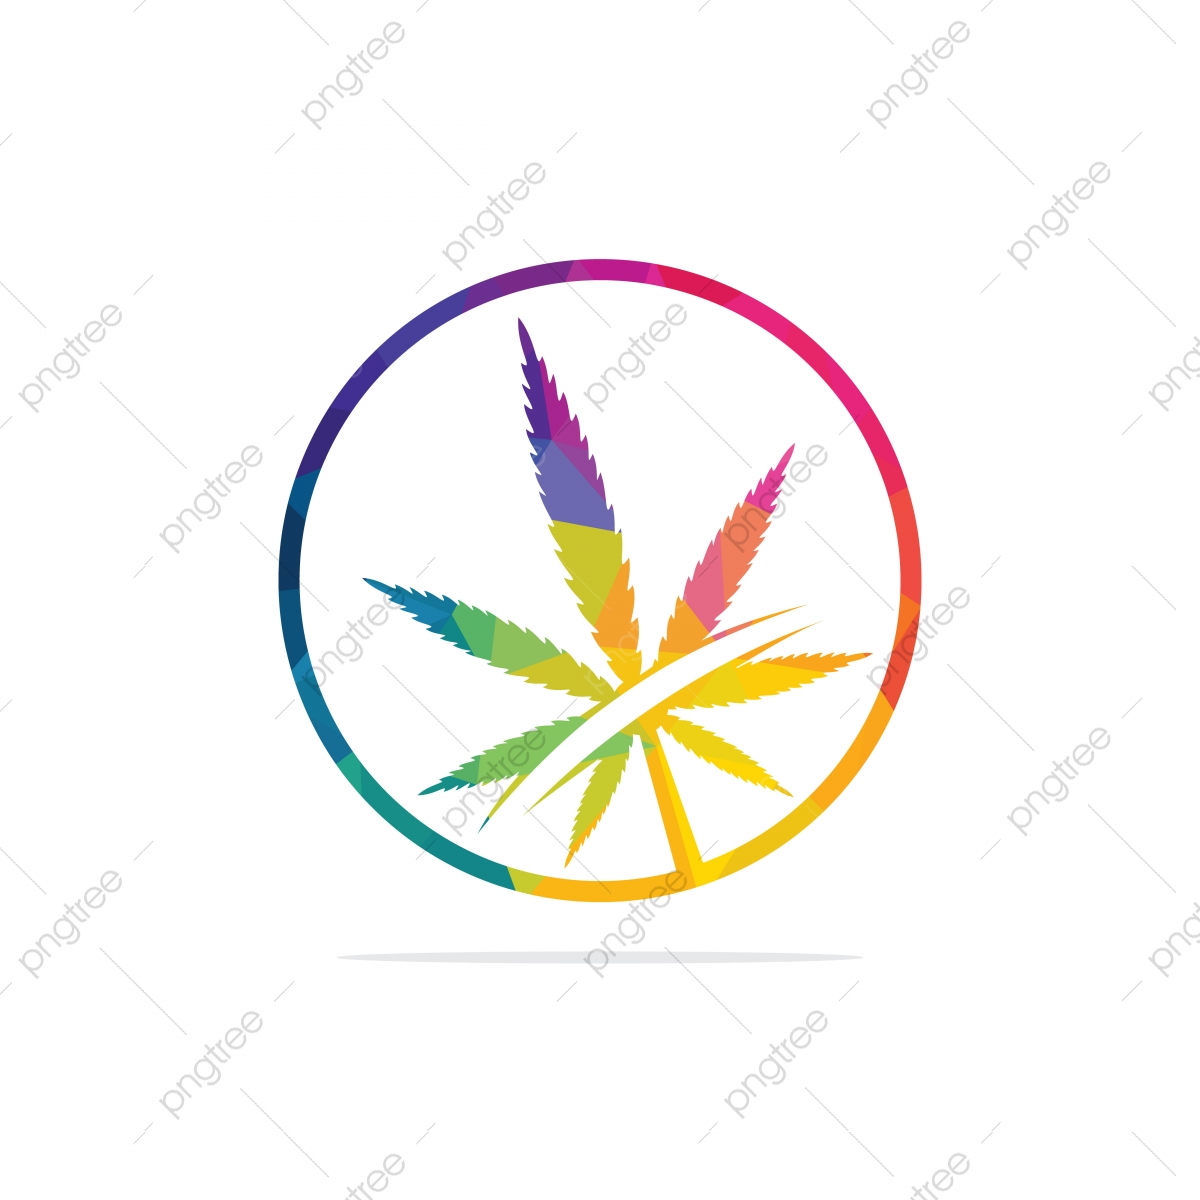 Логотипы марихуаны в фото эскиз листа конопли